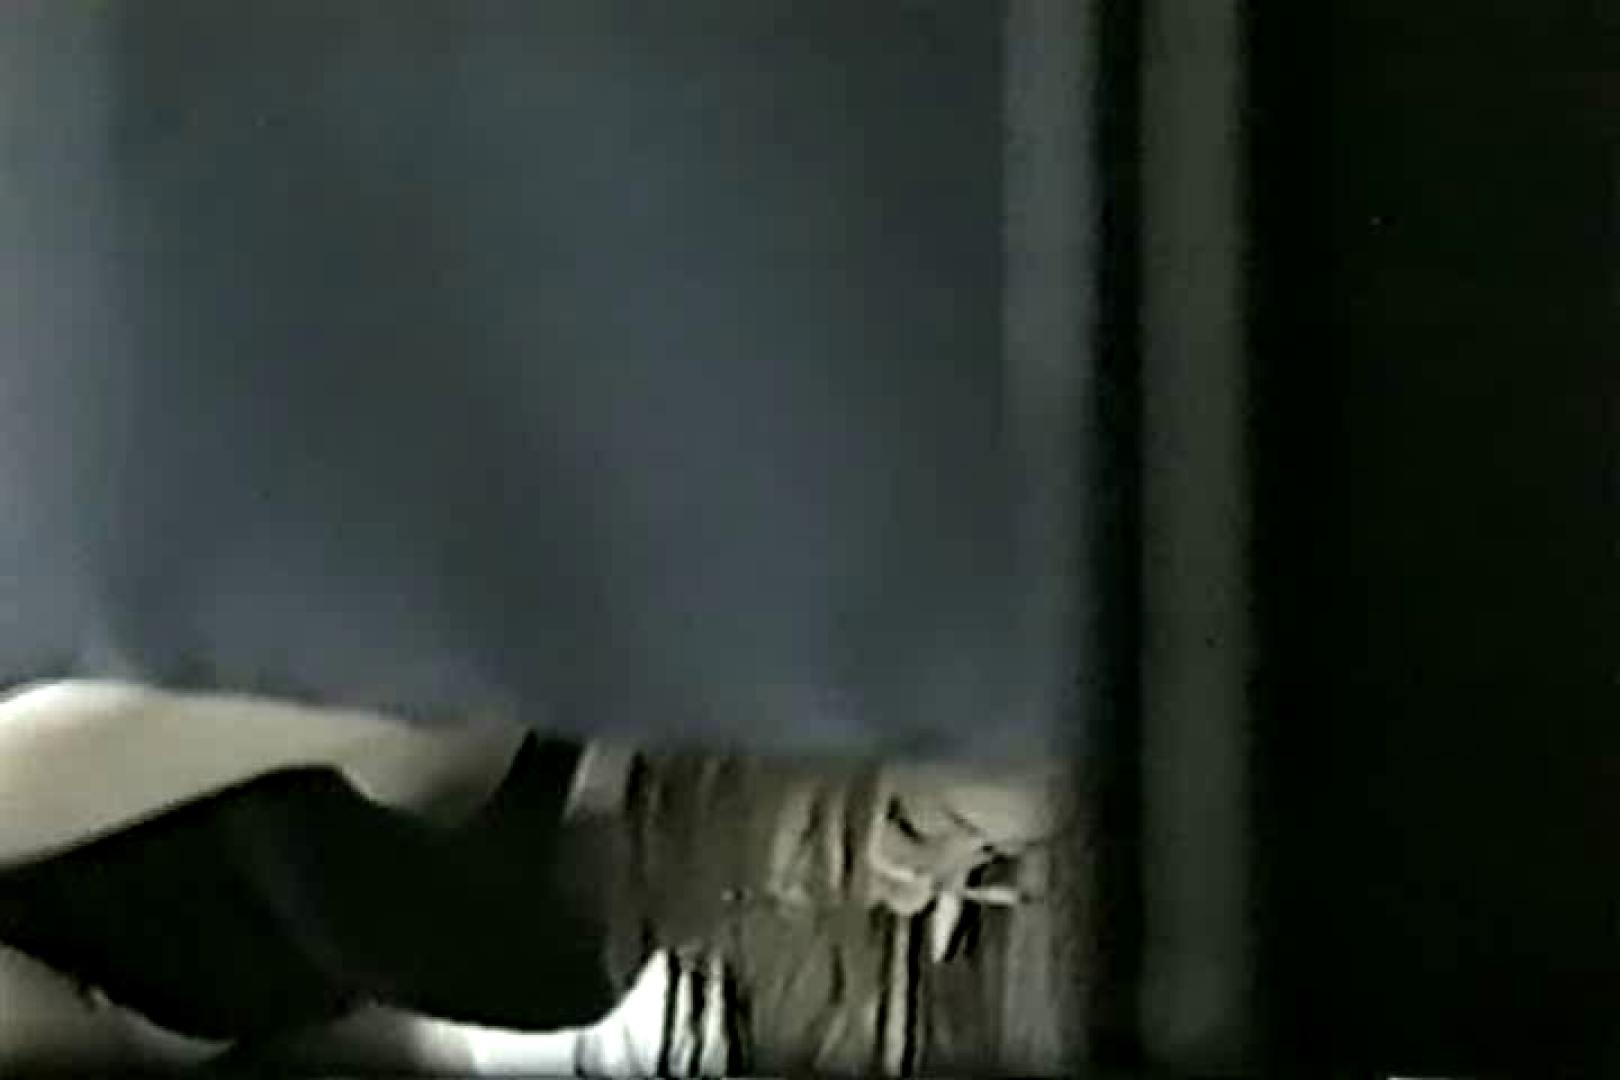 深夜の撮影会Vol.6 OLヌード天国 盗撮動画紹介 109PIX 47